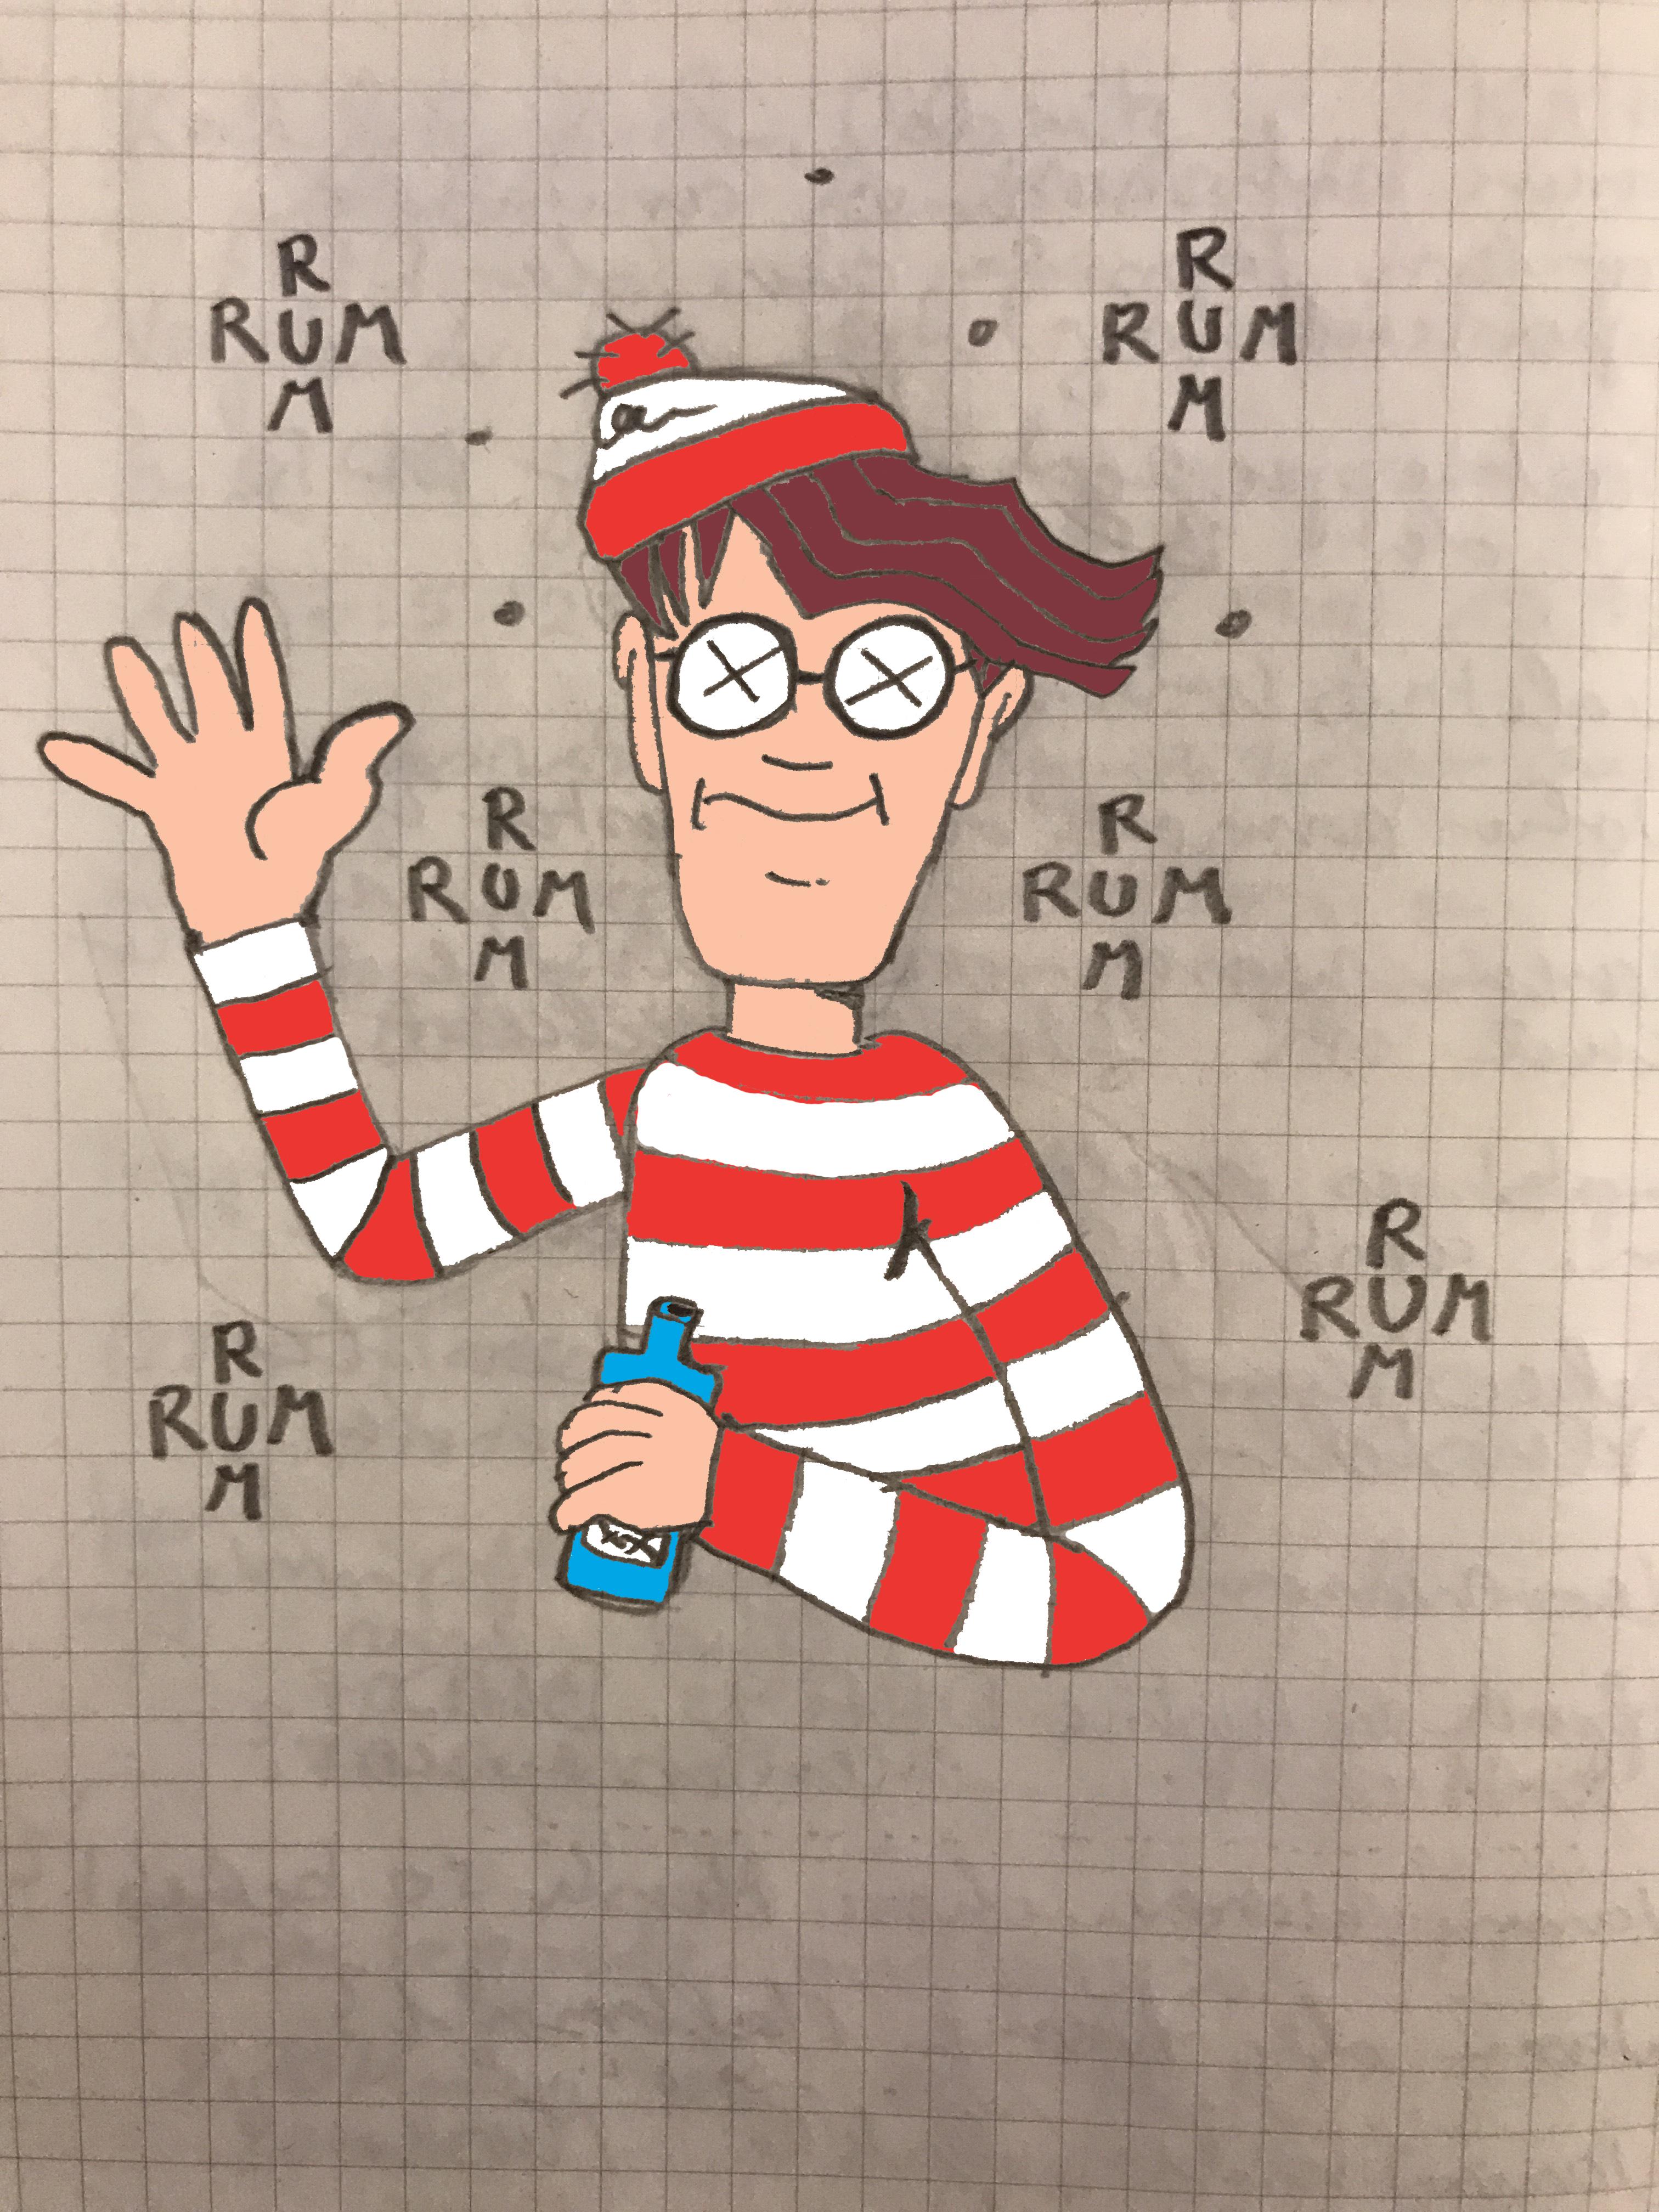 Waldo, betrunken